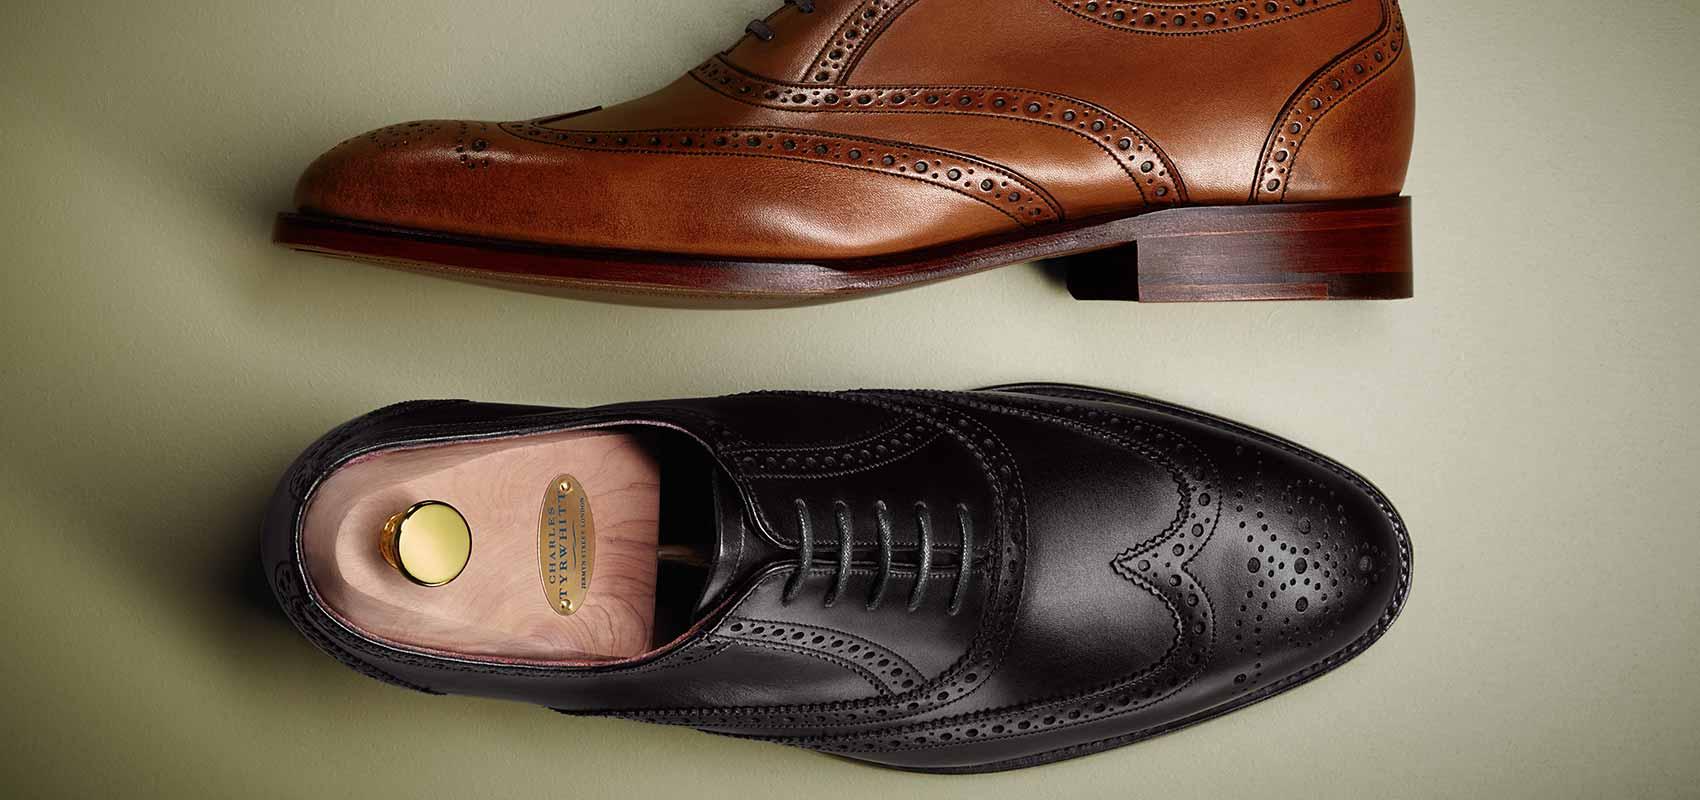 Charles Tyrwhitt In England gefertigte Schuhe